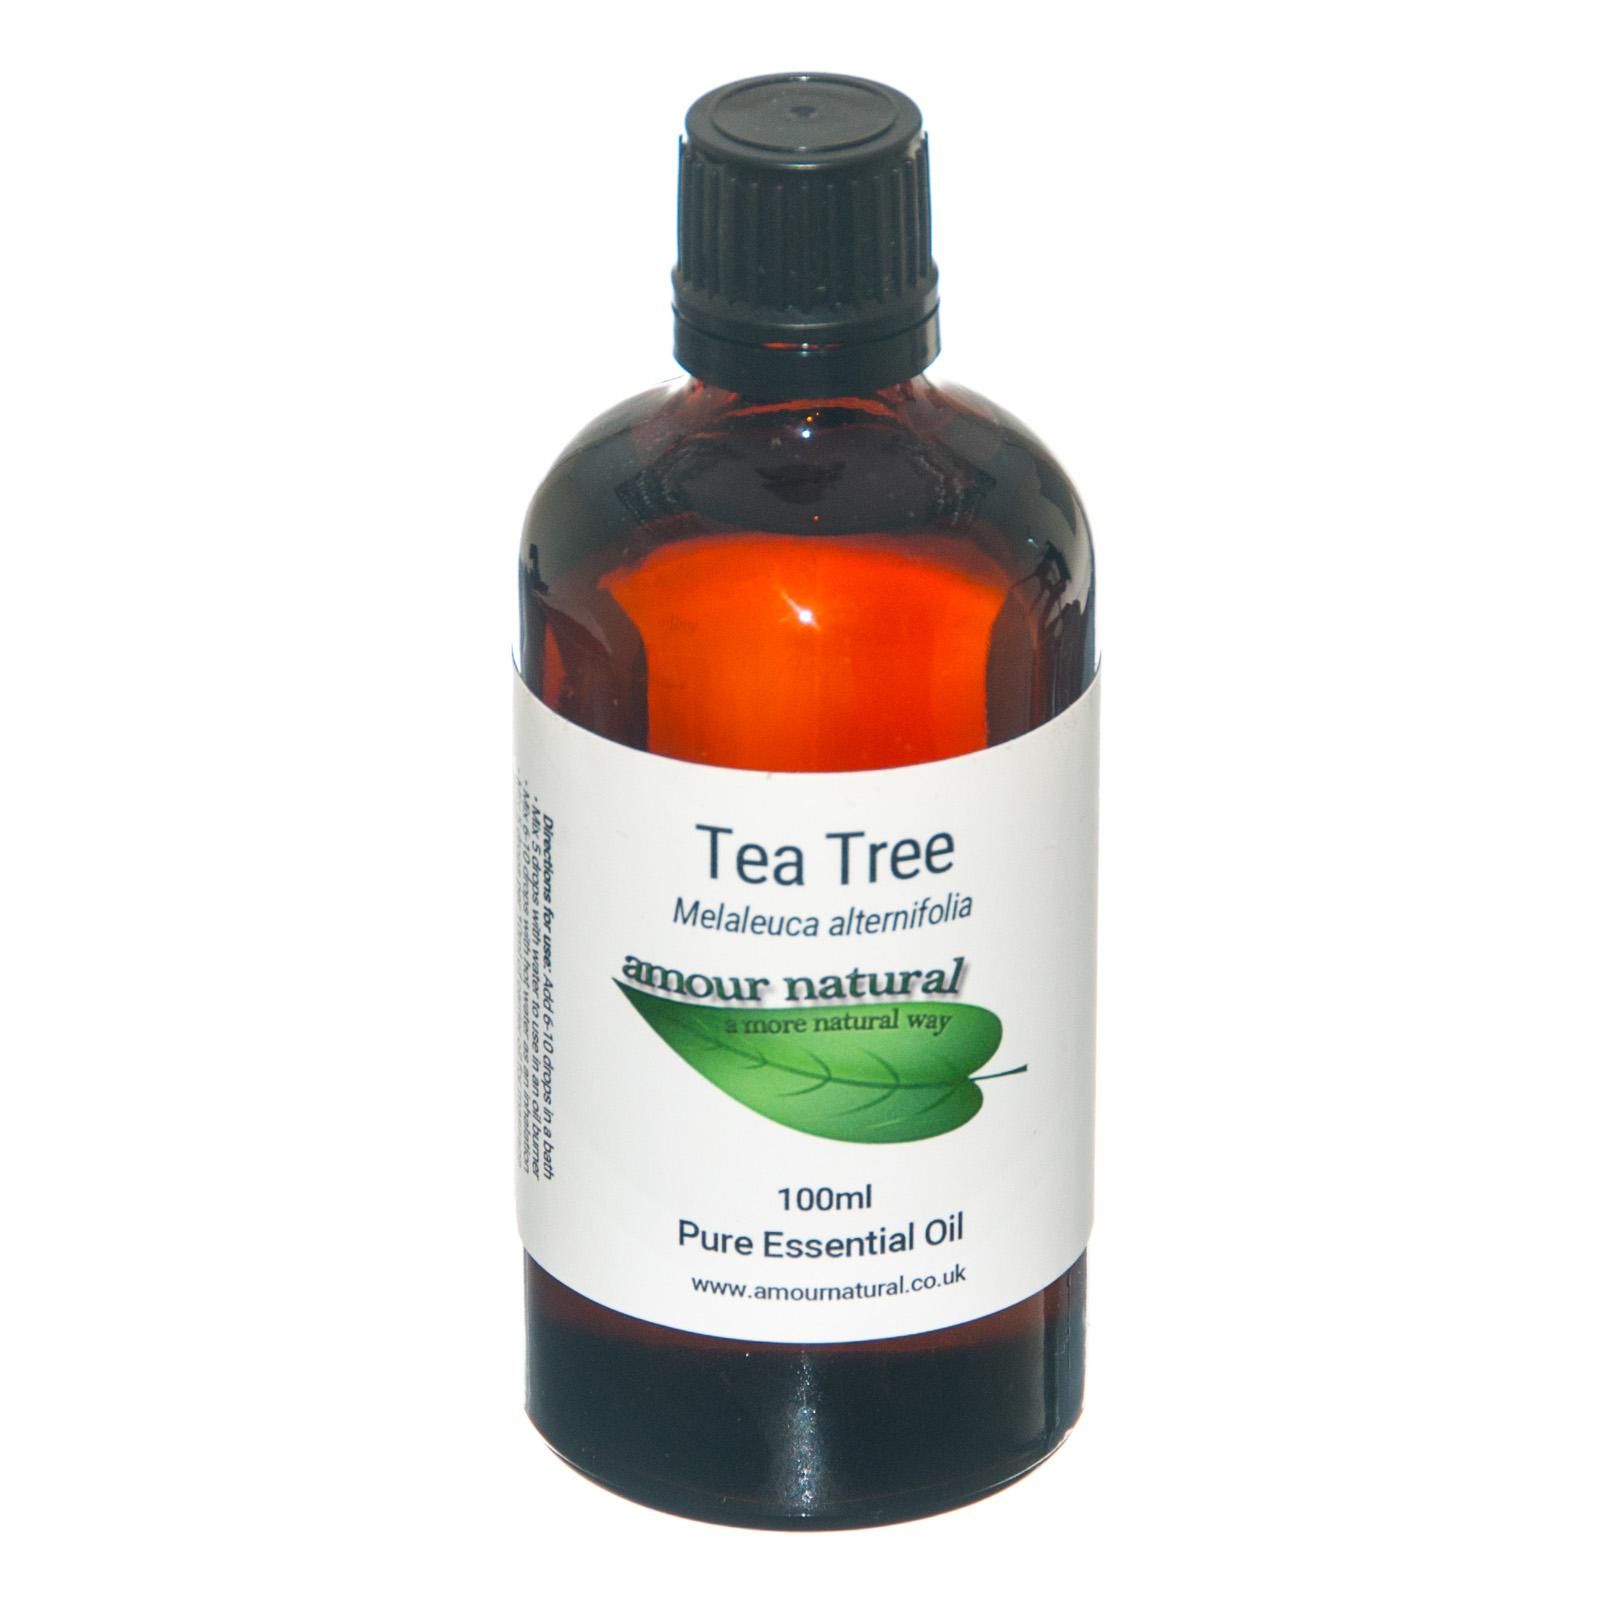 Tea Tree 100ml